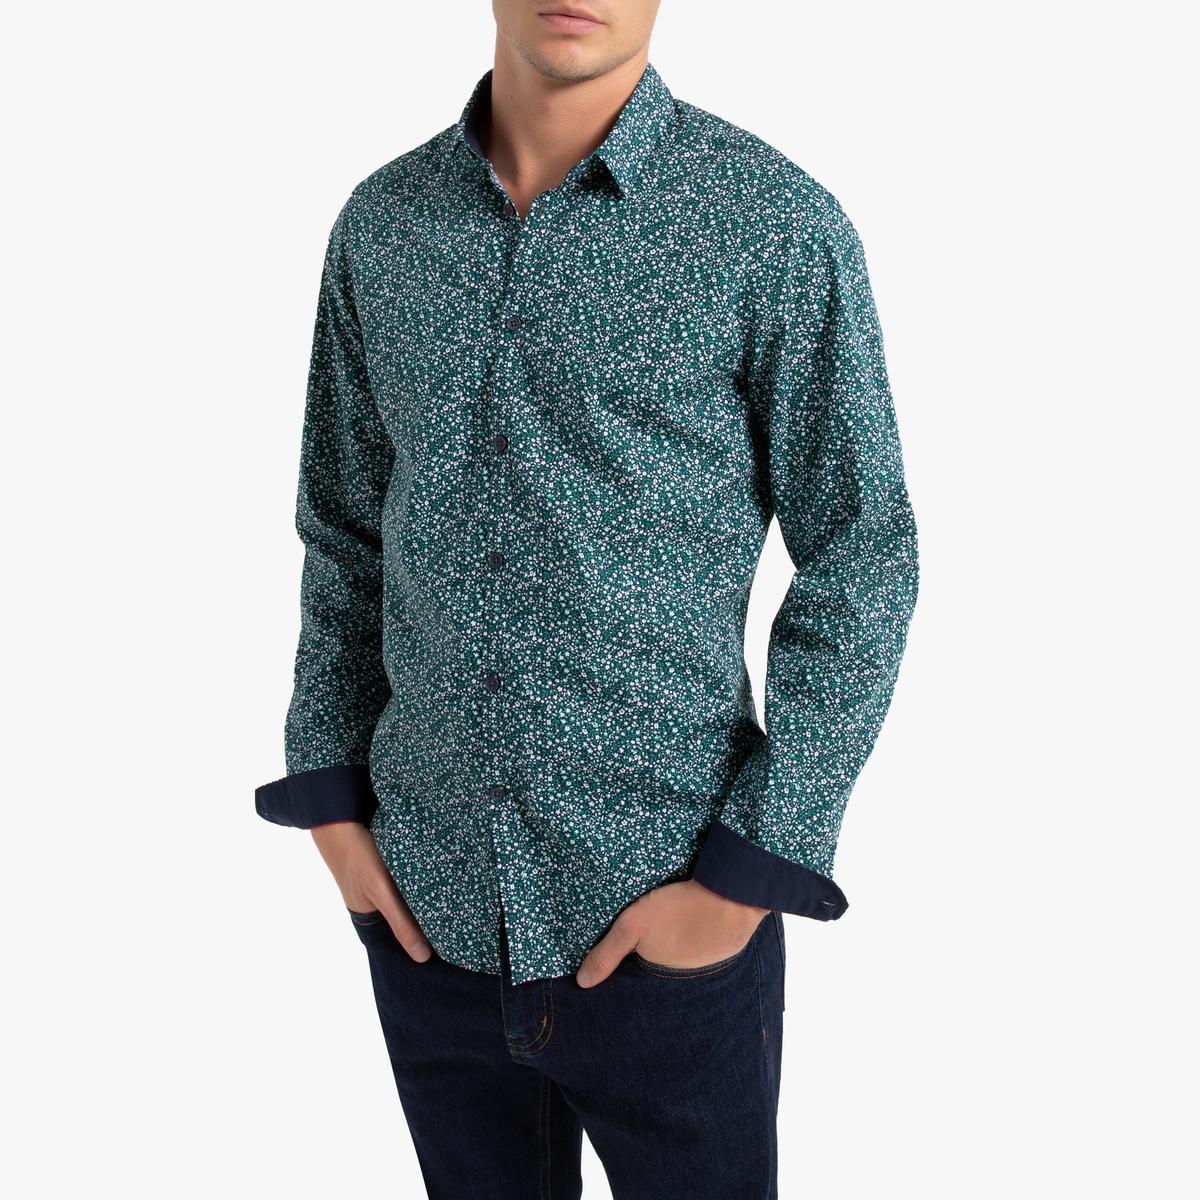 цена Рубашка La Redoute Узкого покроя с рисунком и длинными рукавами 37/38 разноцветный онлайн в 2017 году